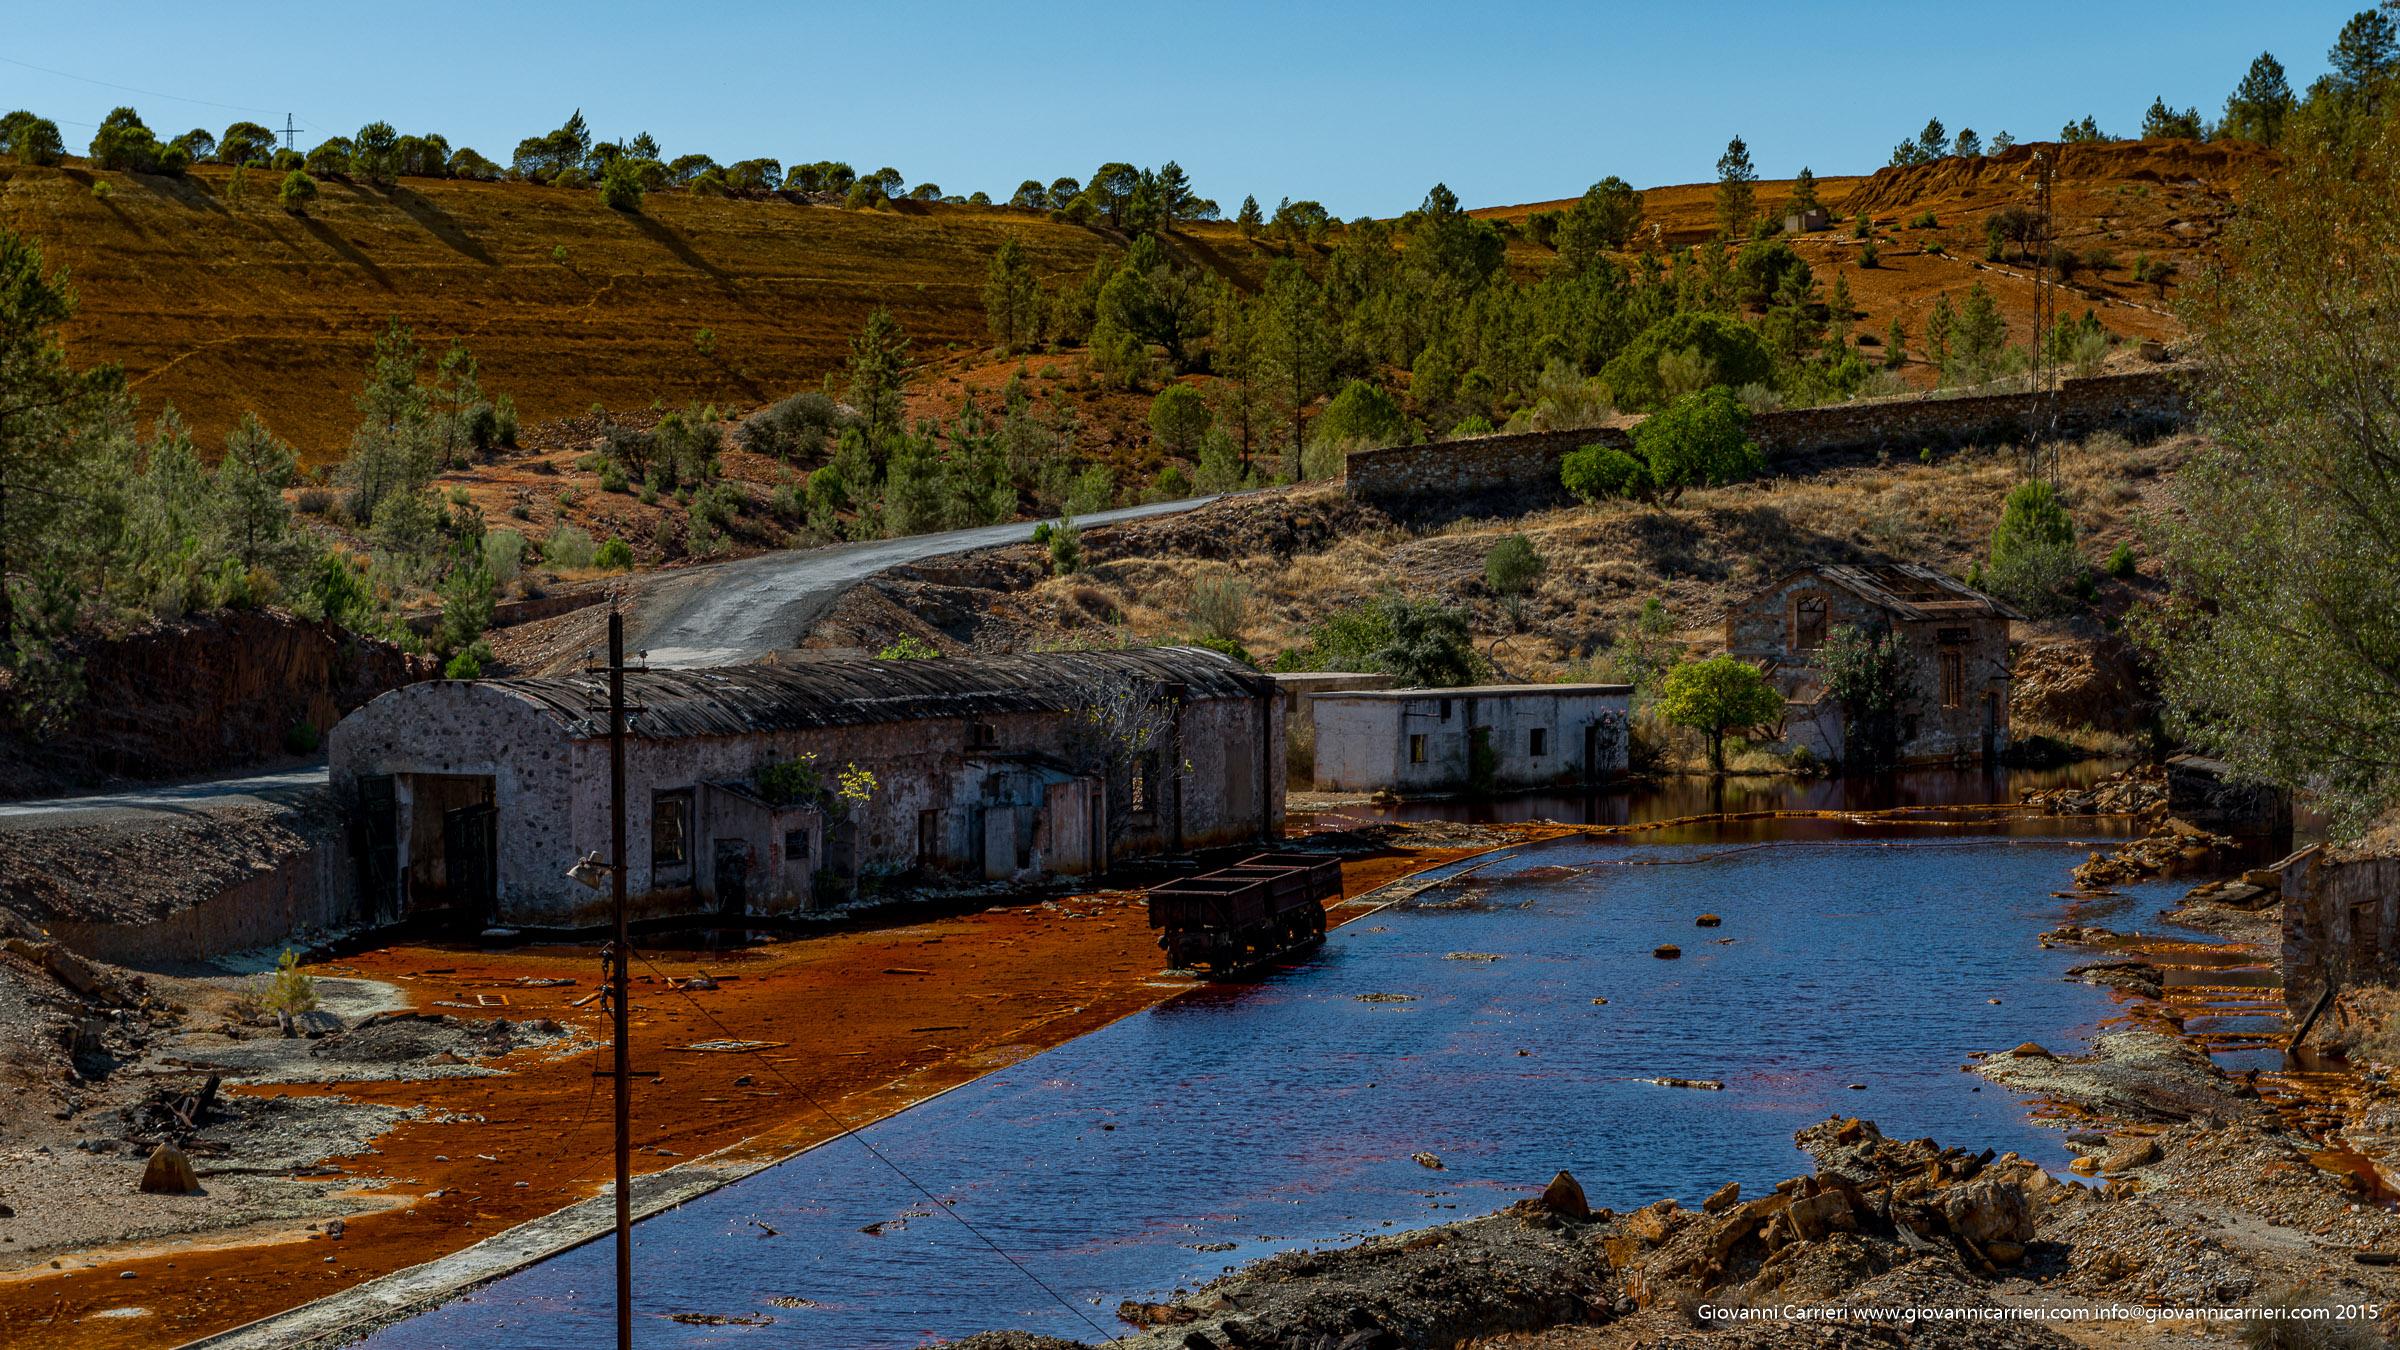 La stazione mineraria